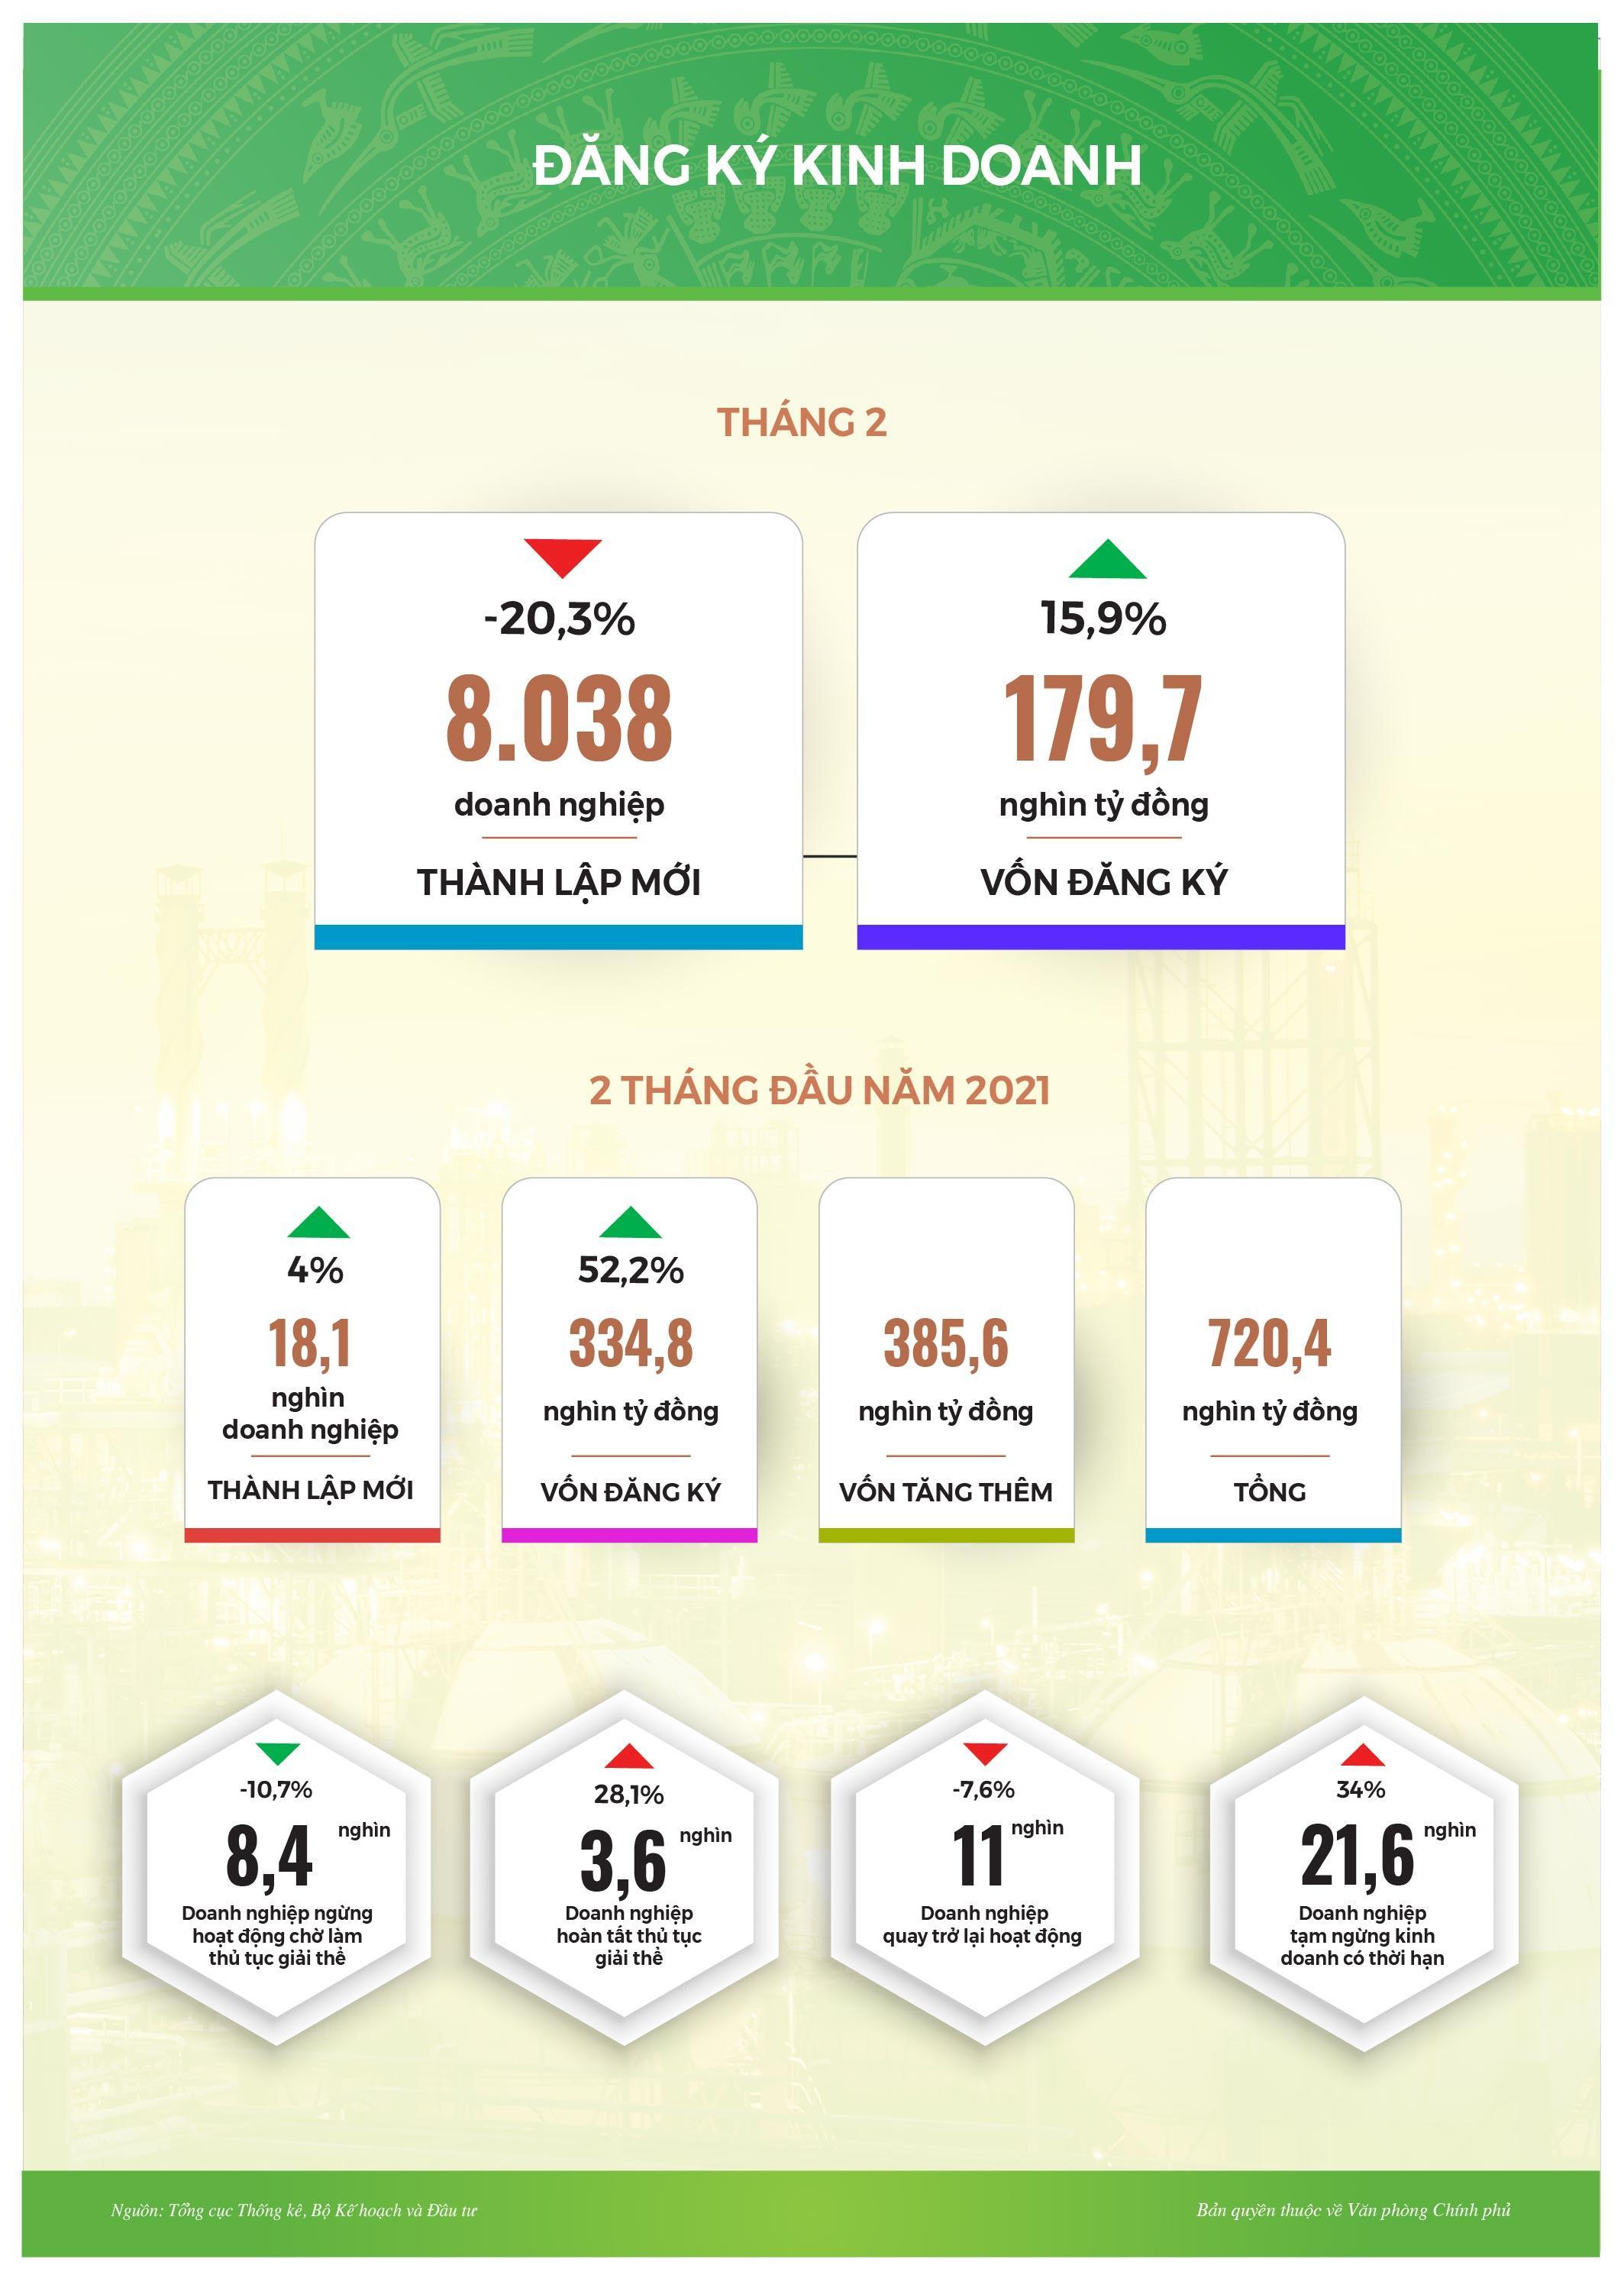 Infographic: Tình hình kinh tế-xã hội tháng 2/2021 Ảnh 4